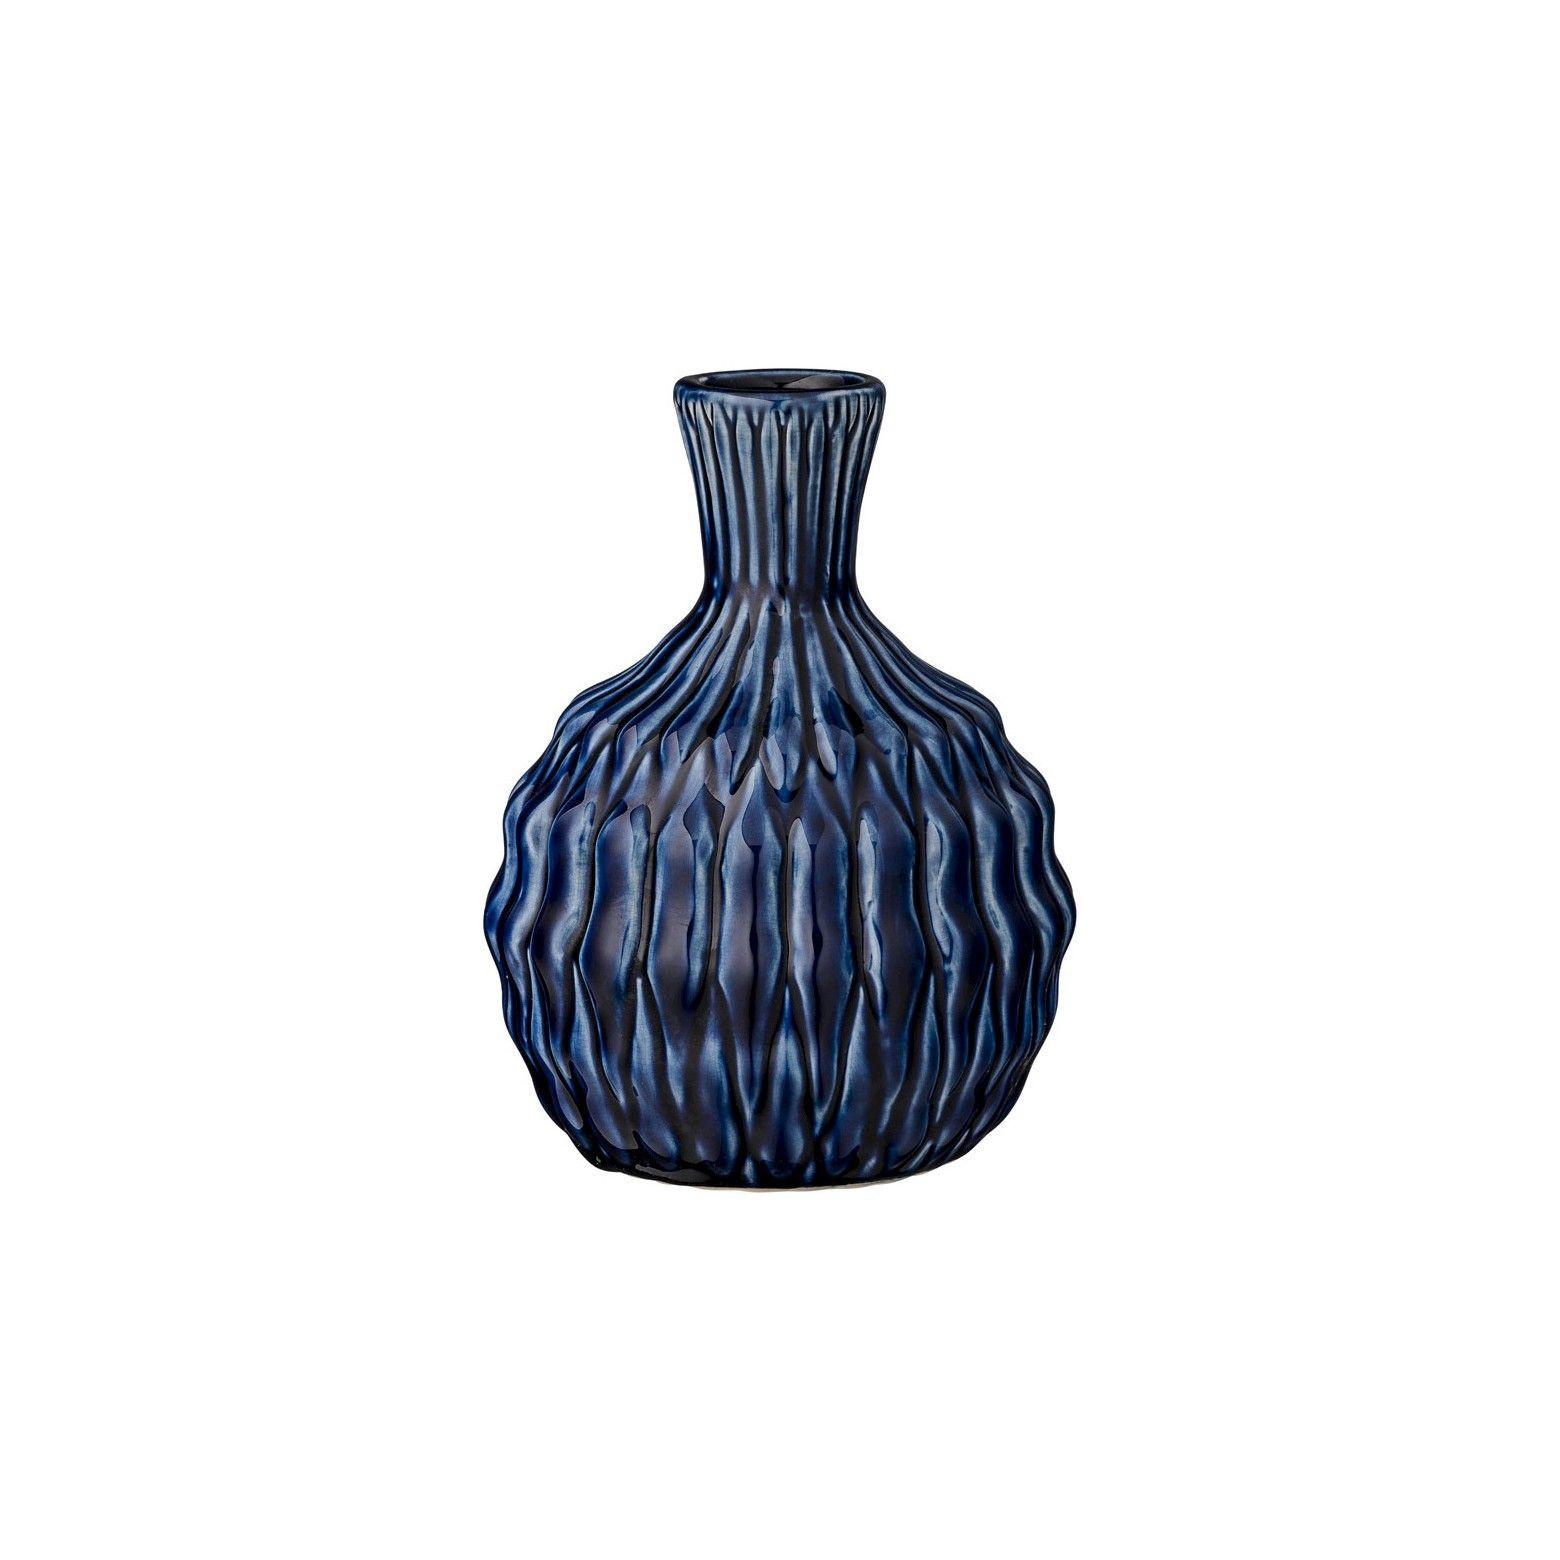 wide mouth vase of ceramic vase navy blue 6 3r studios ceramic vase navy and throughout ceramic vase navy blue 6 3r studios